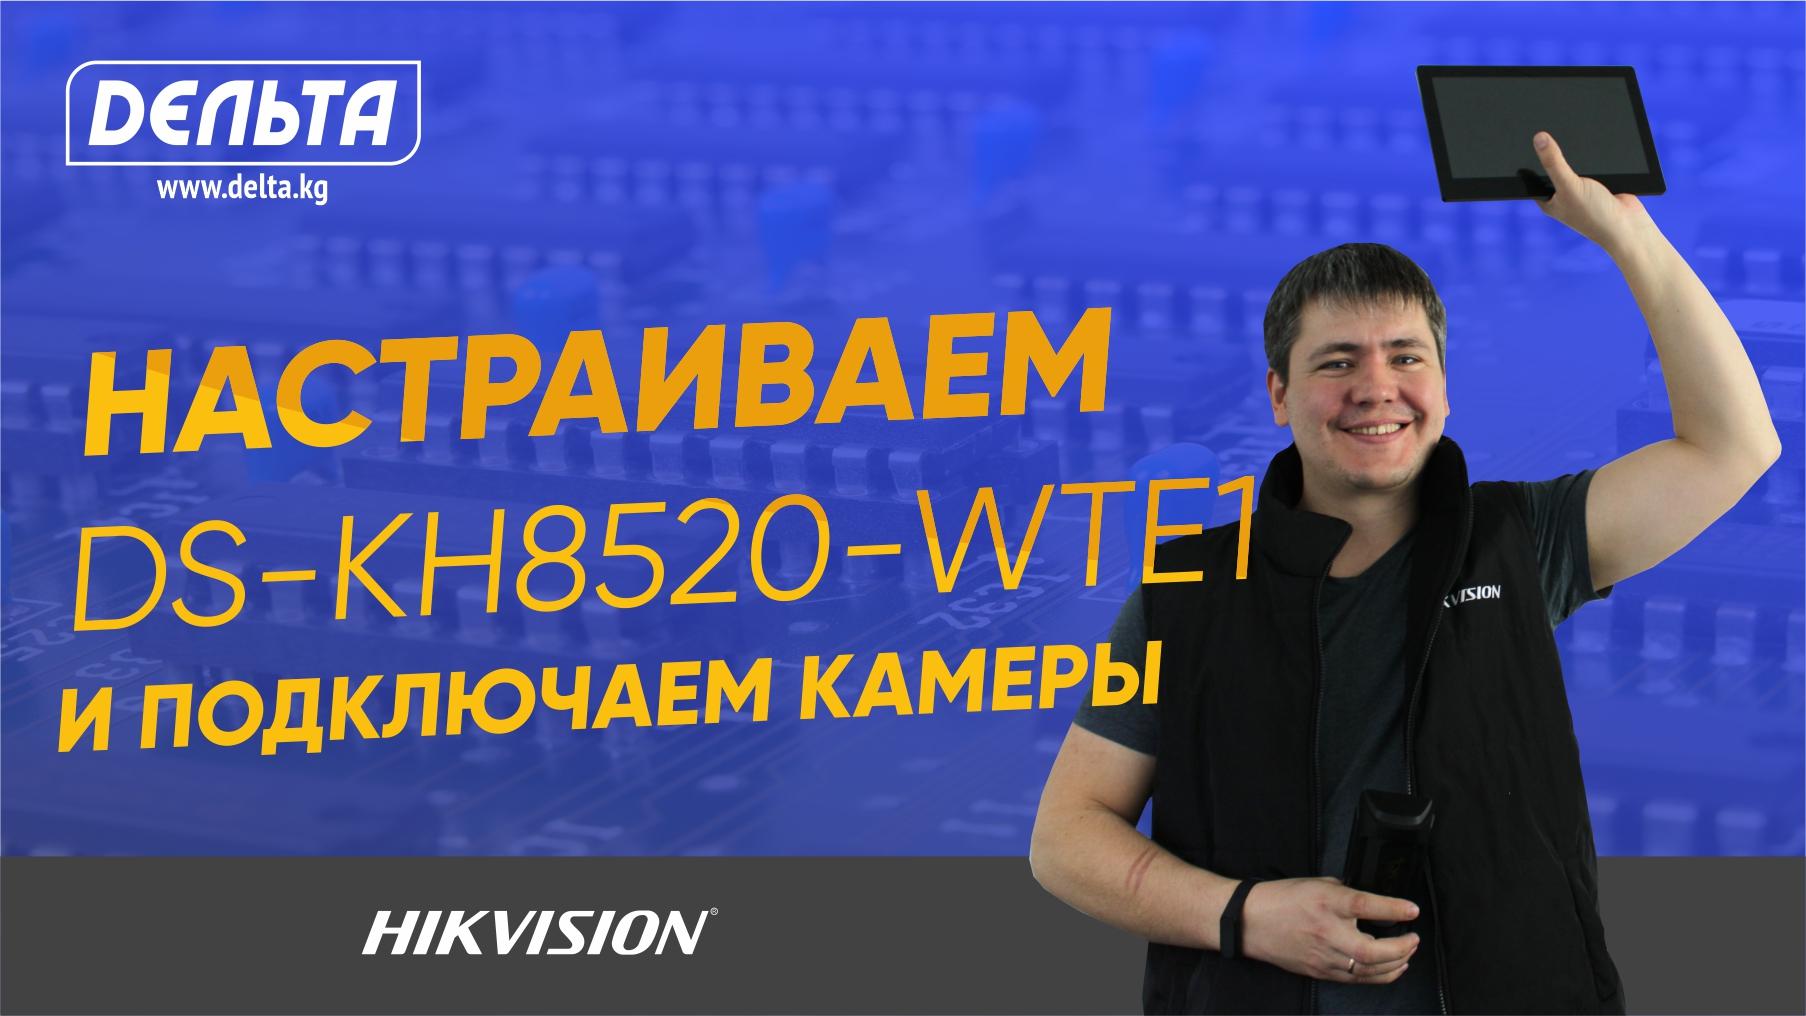 Подробная настройка IP видеодомофона HIKVISION DS-KH8520-WTE1 и подключение камеры.